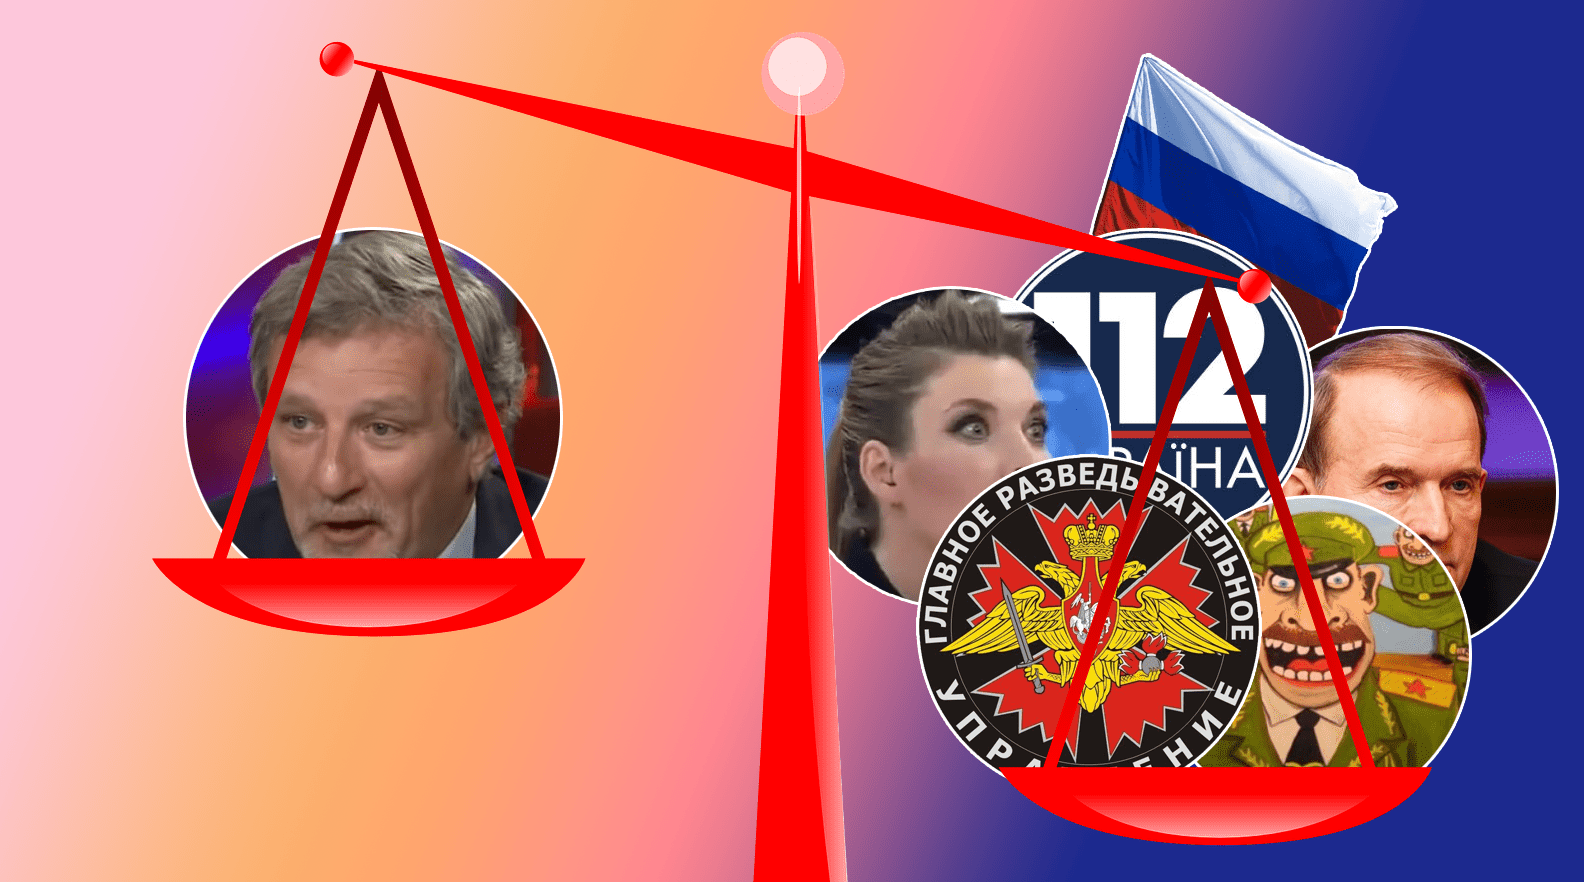 Блогер розсказав чому не можна голосувати за Пальчевського (ВІДЕО)